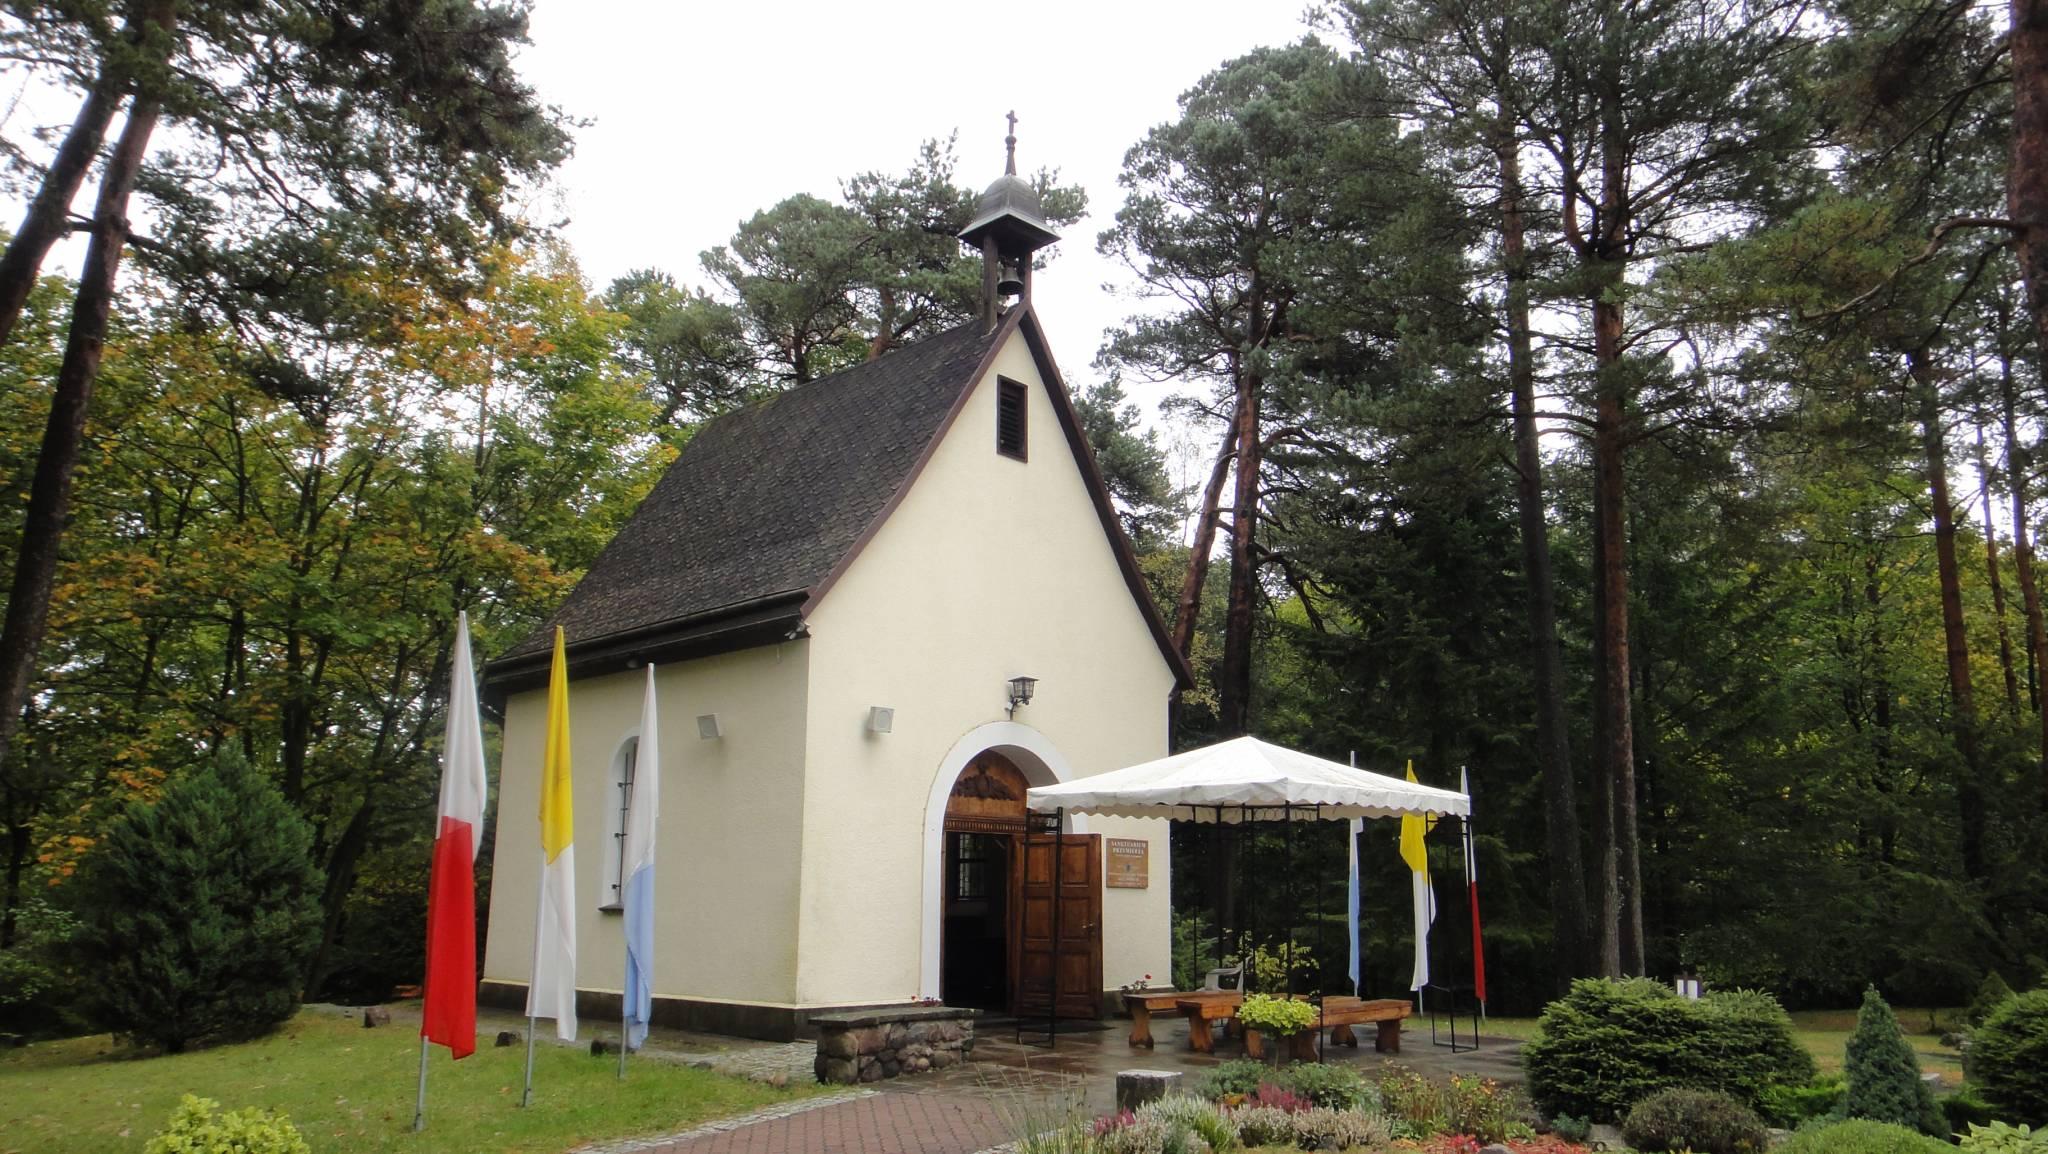 2017-10-07 Pielgrzymka Świętych Gór Diecezji 11